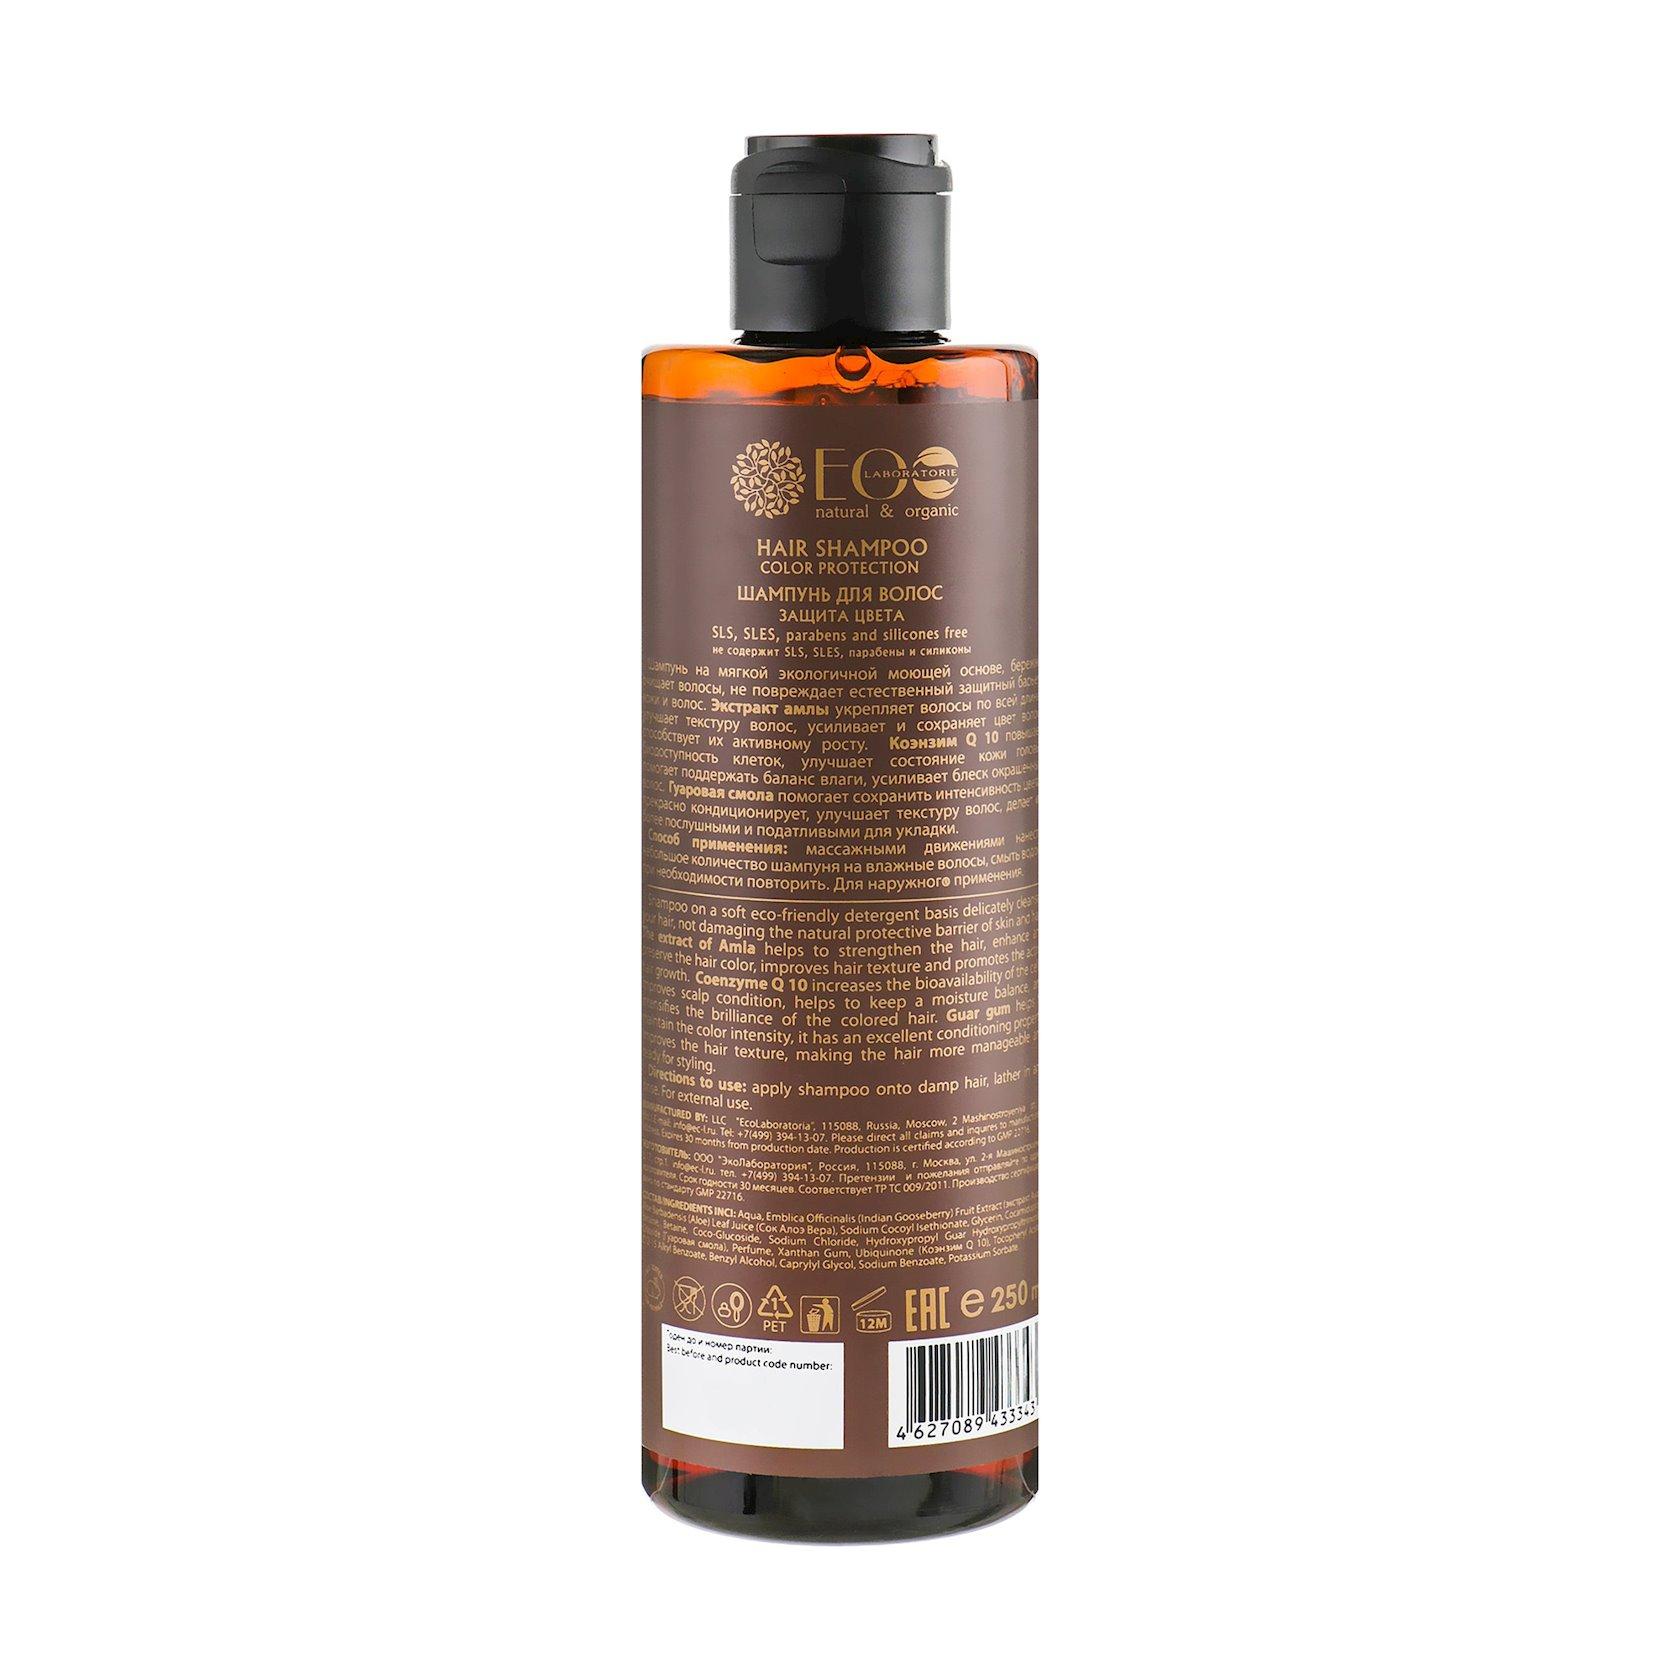 Şampun saç üçün EO Laboratorie Rəng qoruması boyanmış saçlar üçün 250 ml